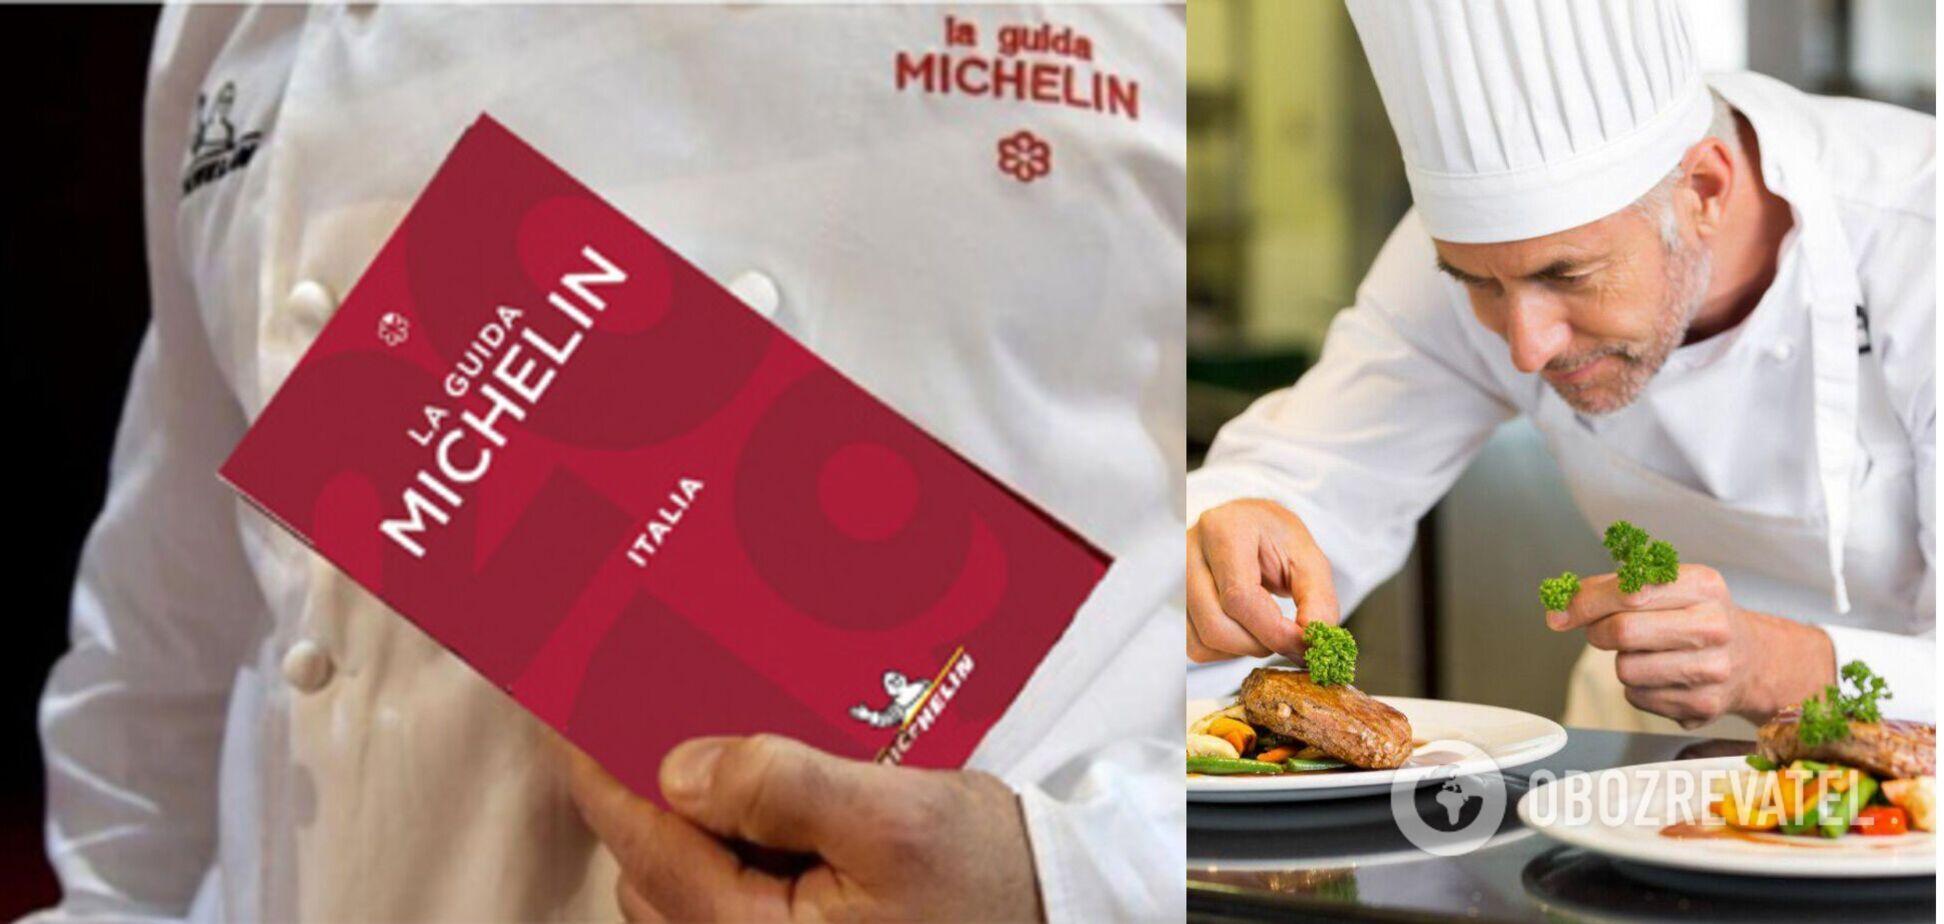 Рестораны со звездой Michelin, которые сможет позволить себе каждый